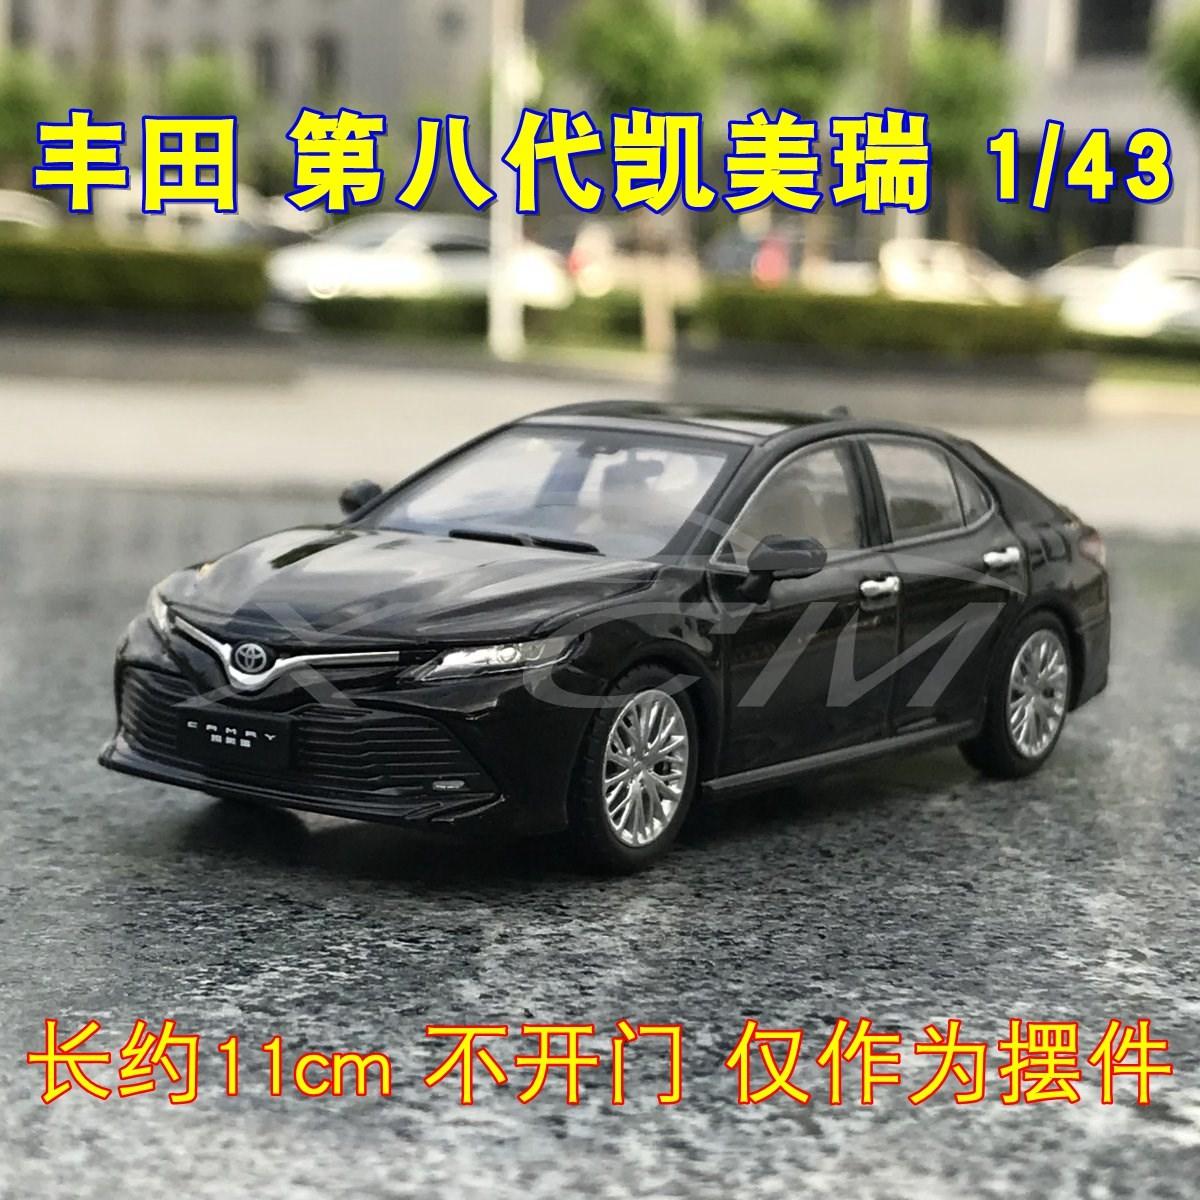 1:43 原厂 丰田 全新第八代凯美瑞 TOYOTA CAMRY 汽车模型 带底座